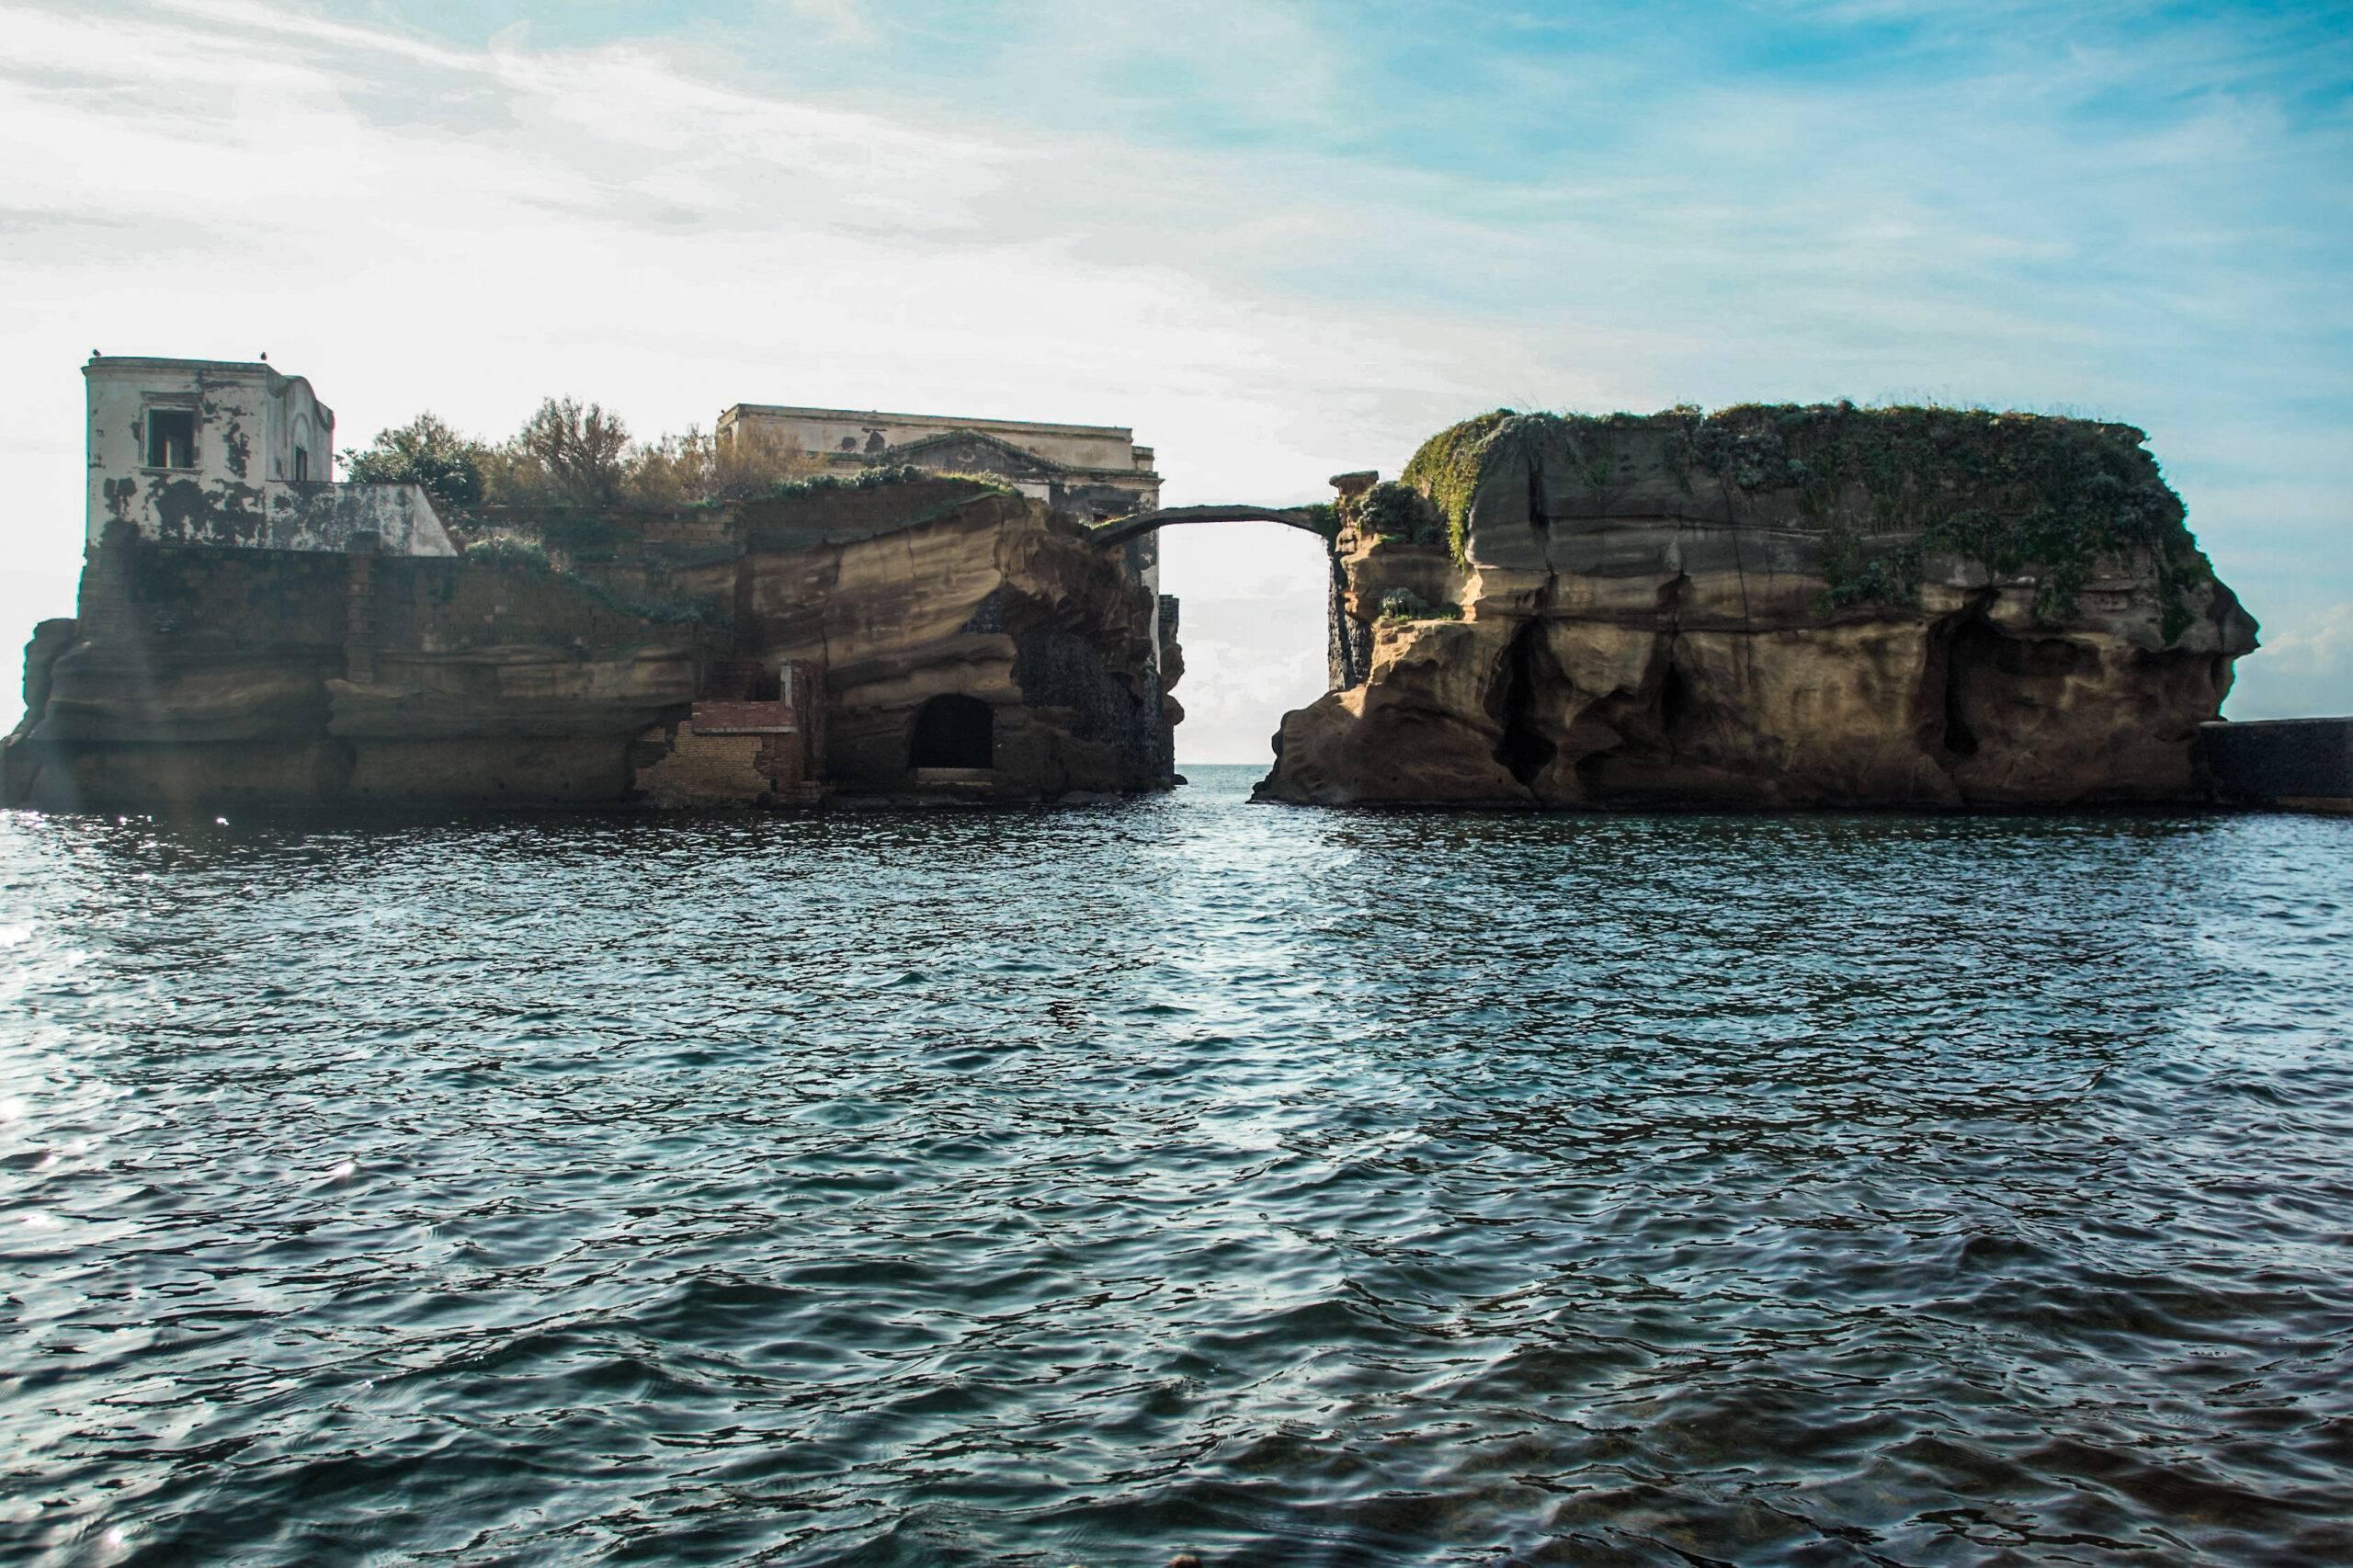 le migliori spiagge libere di Napoli: la gaiola